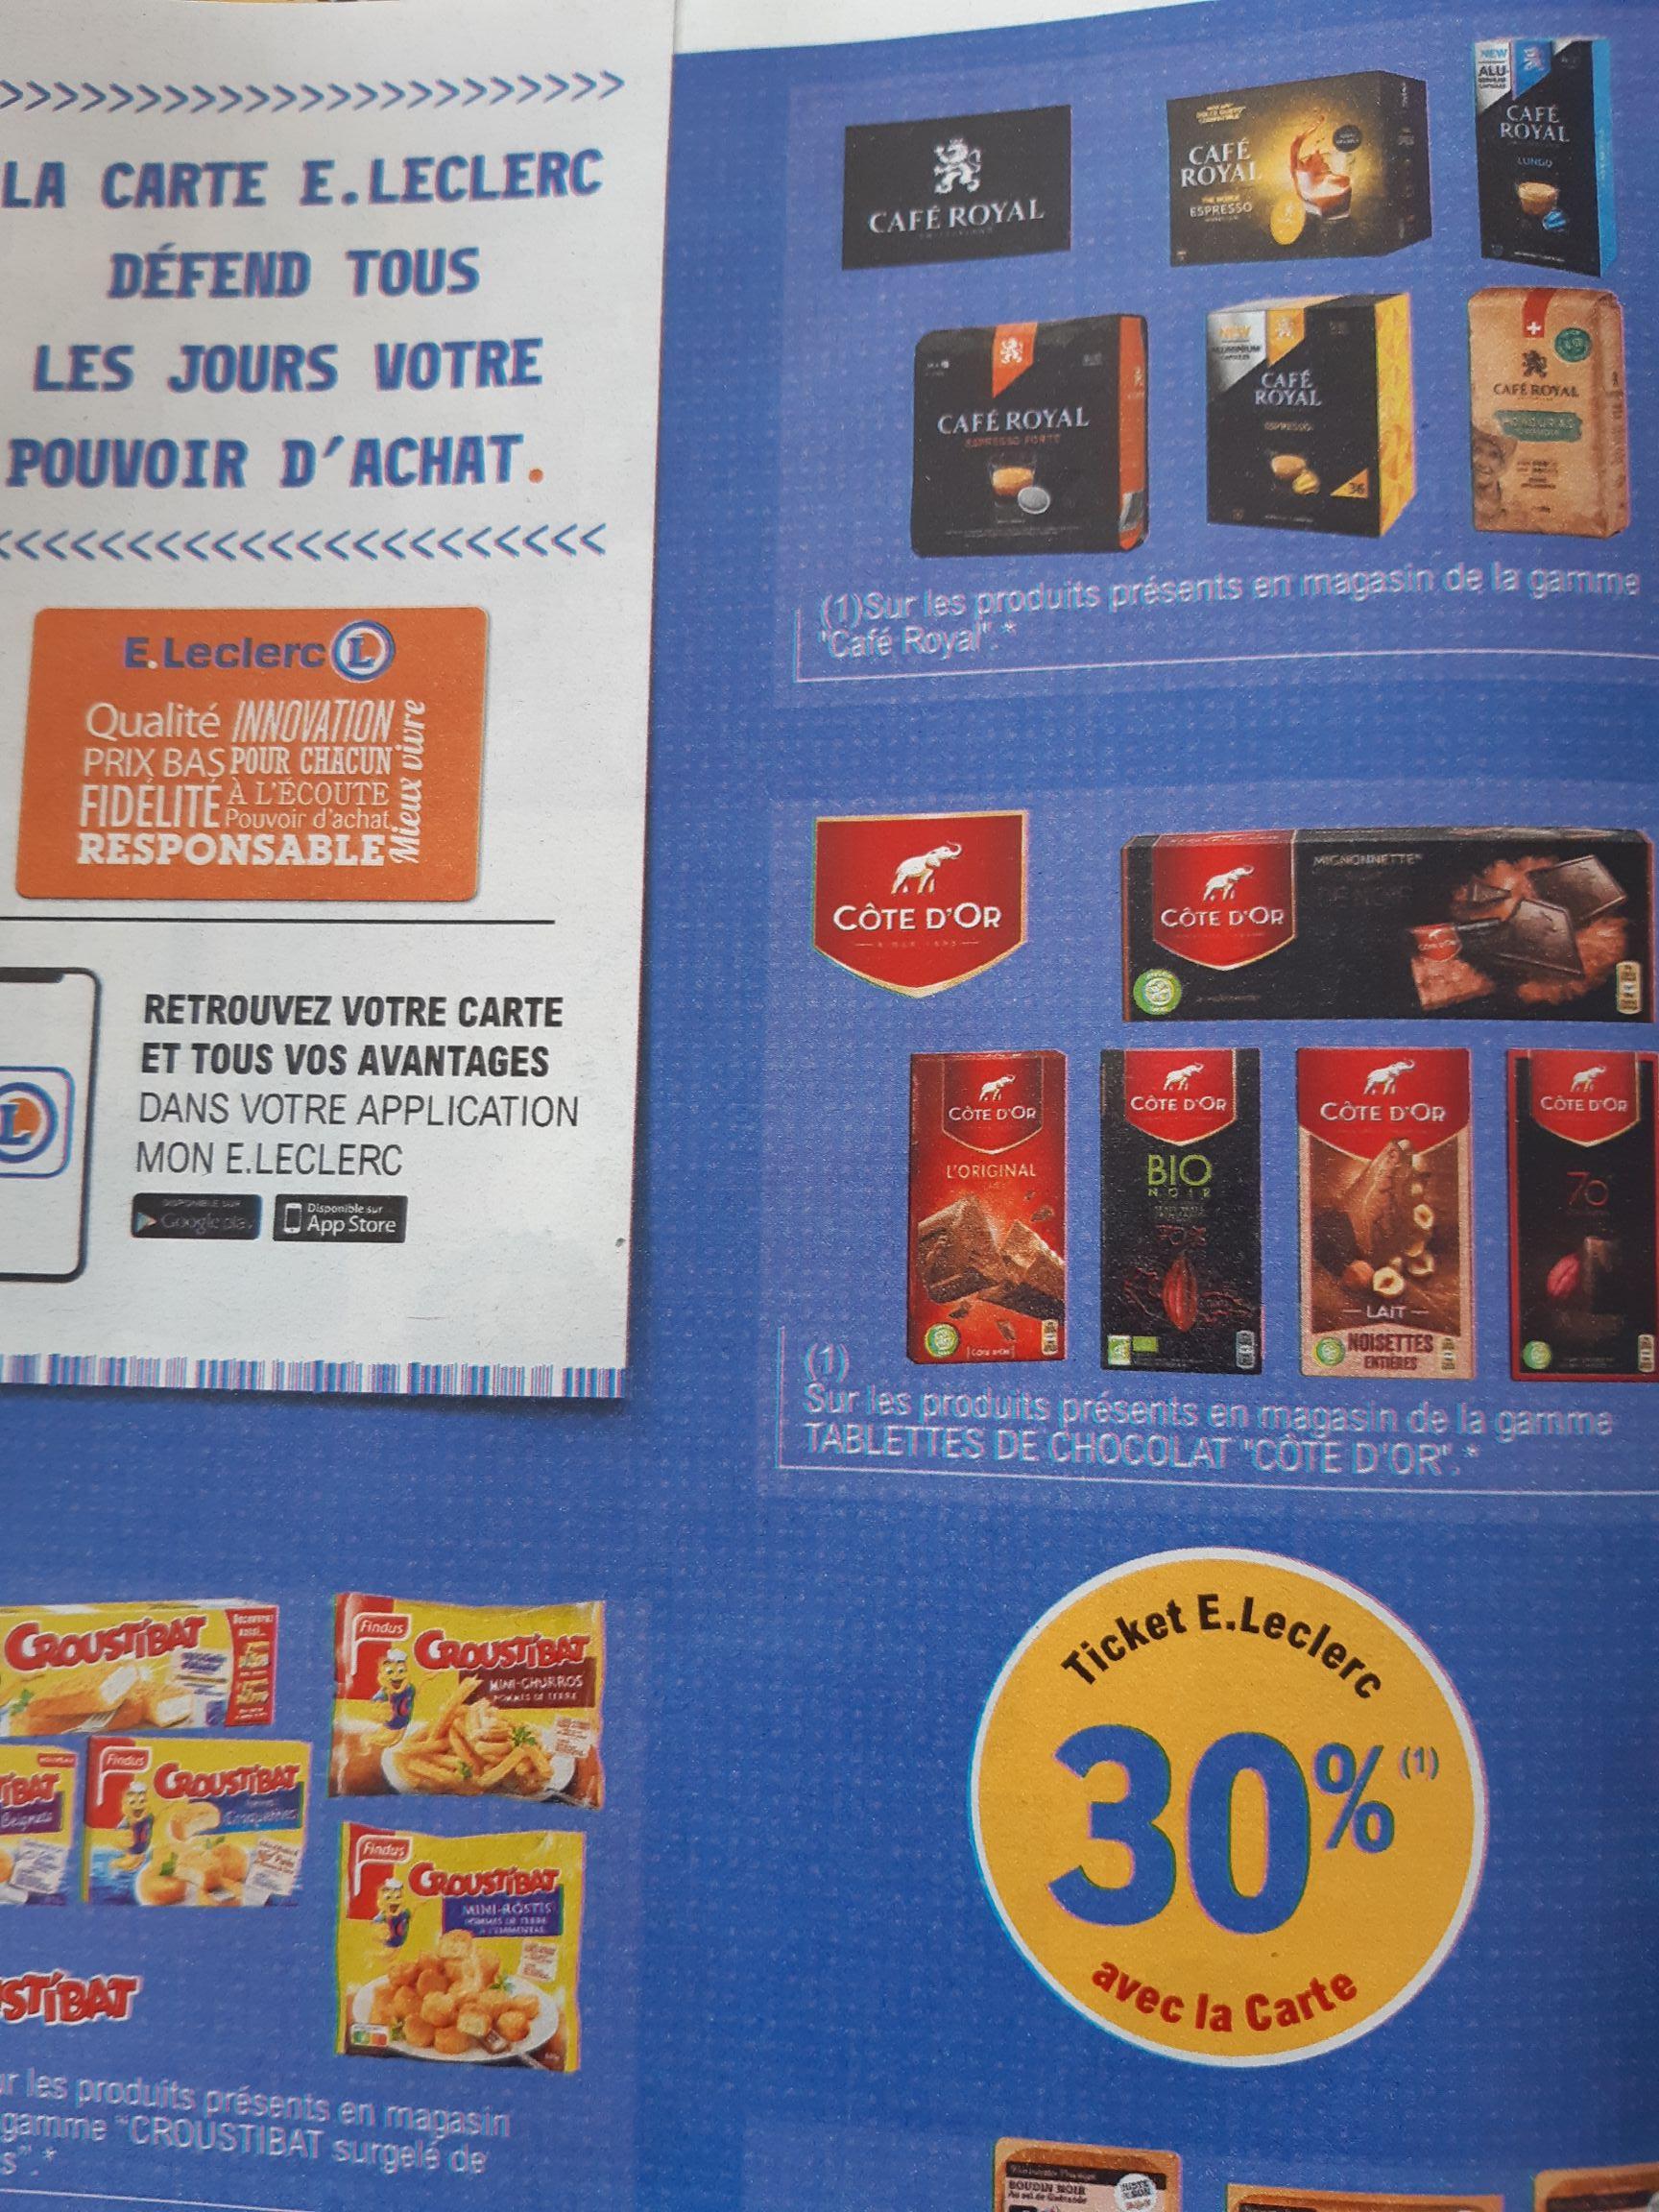 Sélection de capsules de Café Royal DolceGusto en promo (via 30% fidélité + Shopmium) - Ex: 3 boîtes The Noble Espresso (via 2.95€ fidélité)